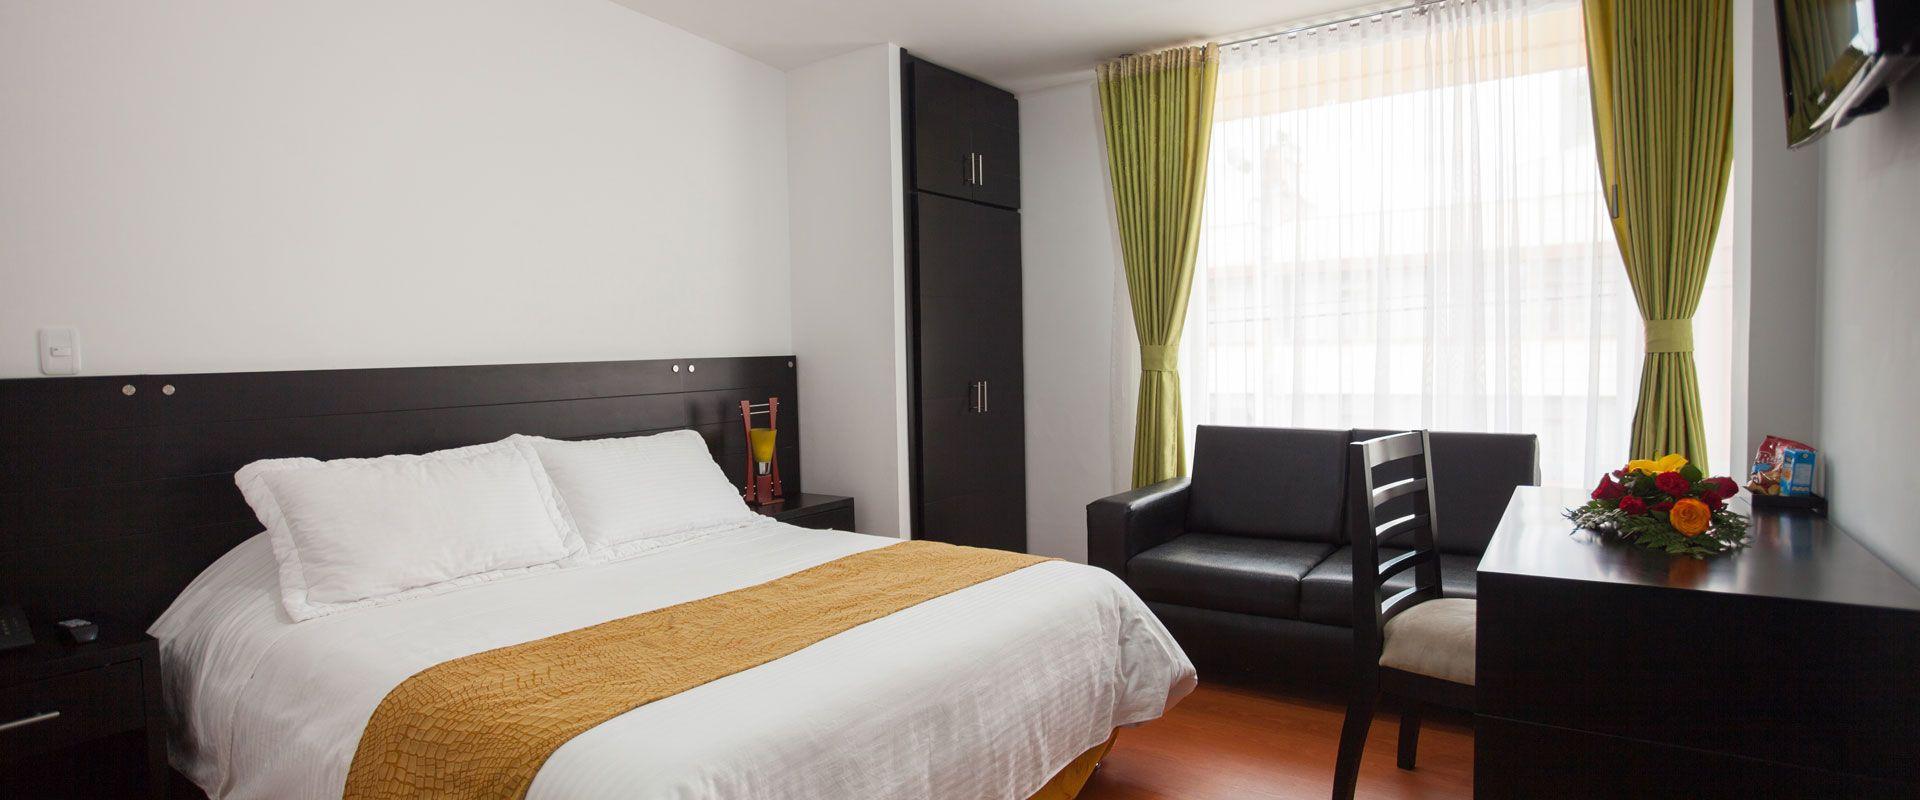 Habitaciones Hotel Palermo Suite